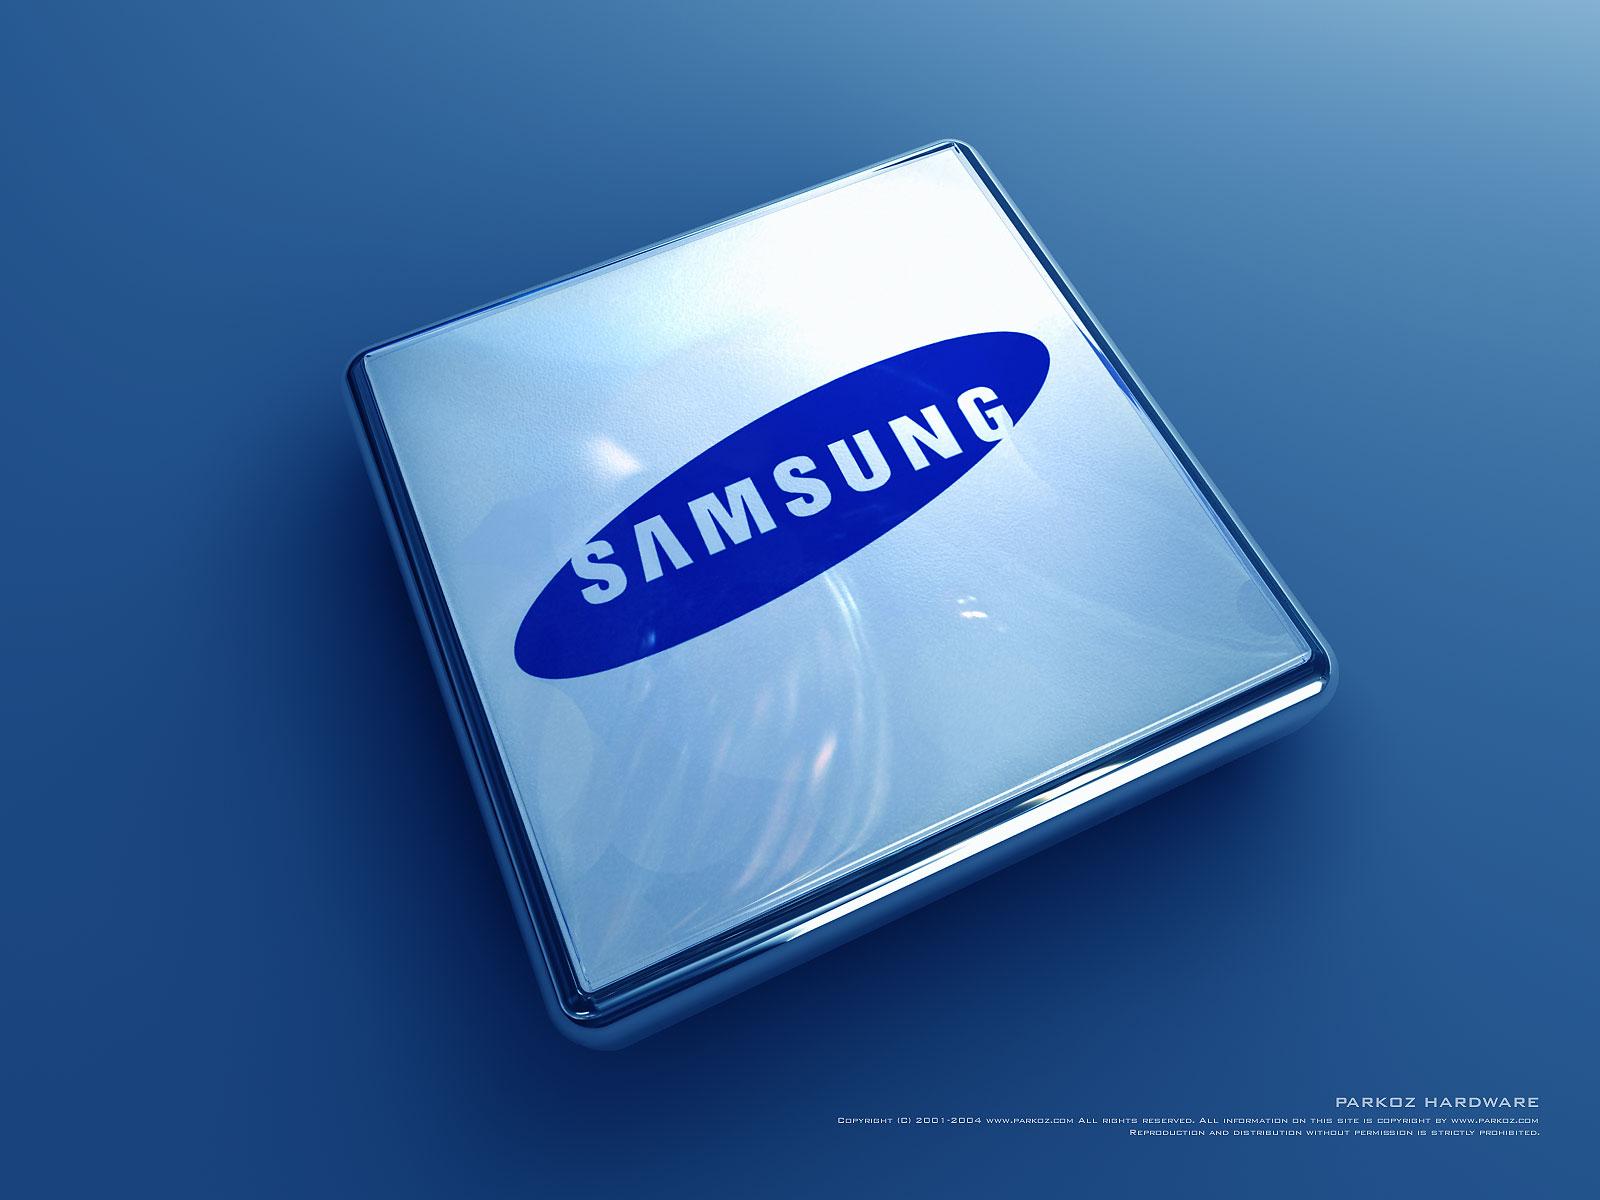 http://4.bp.blogspot.com/-gKeCBOuYEmA/UBsweyn82sI/AAAAAAAAEuU/8mhcQIHVvSQ/s1600/Samsung+Elegant+Box.jpg